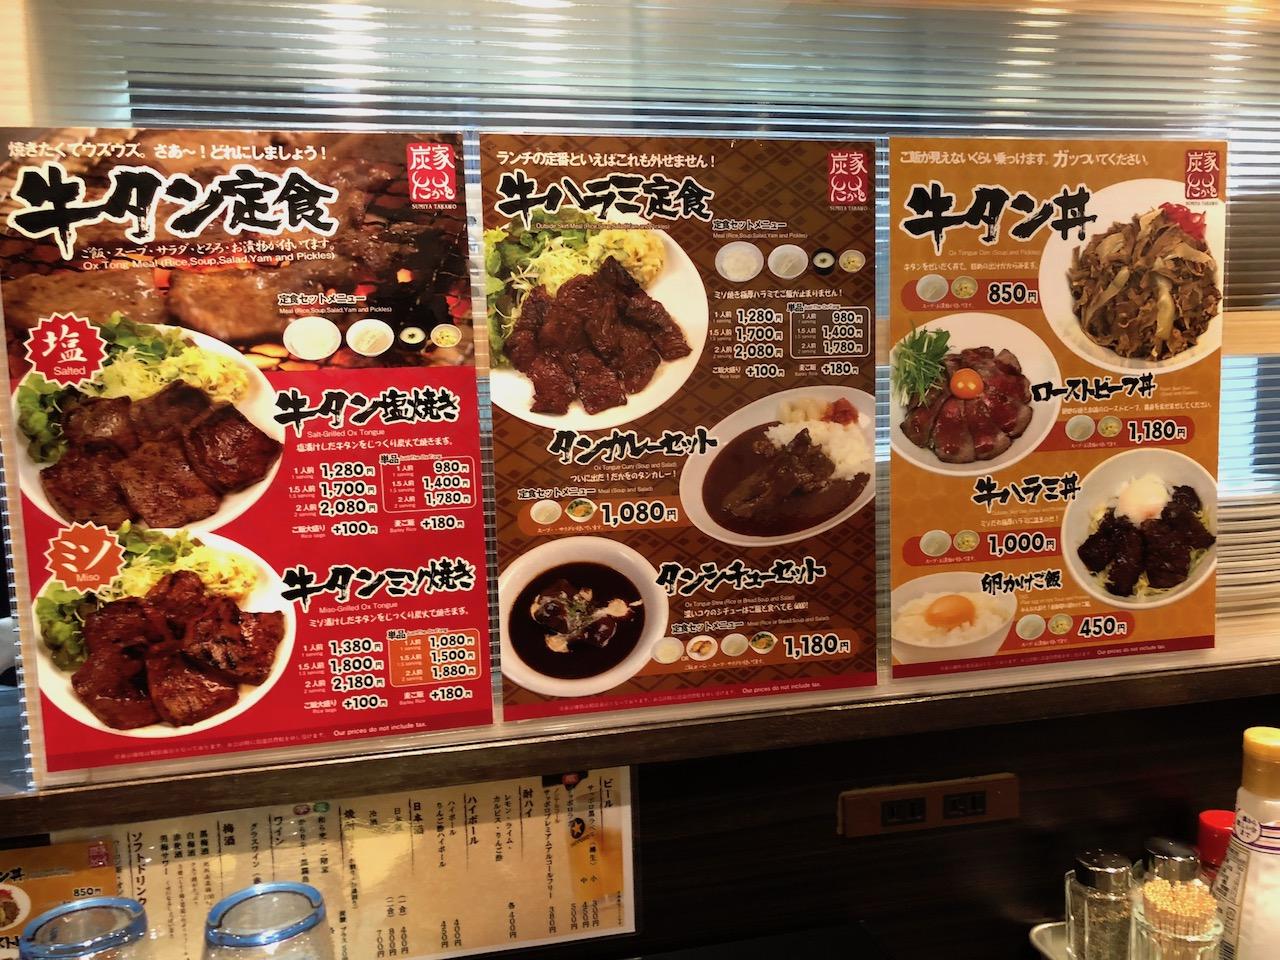 やっぱ牛タン!オープンしたばかりの姫路炭屋「たかを」でおすすめのメニューは!?